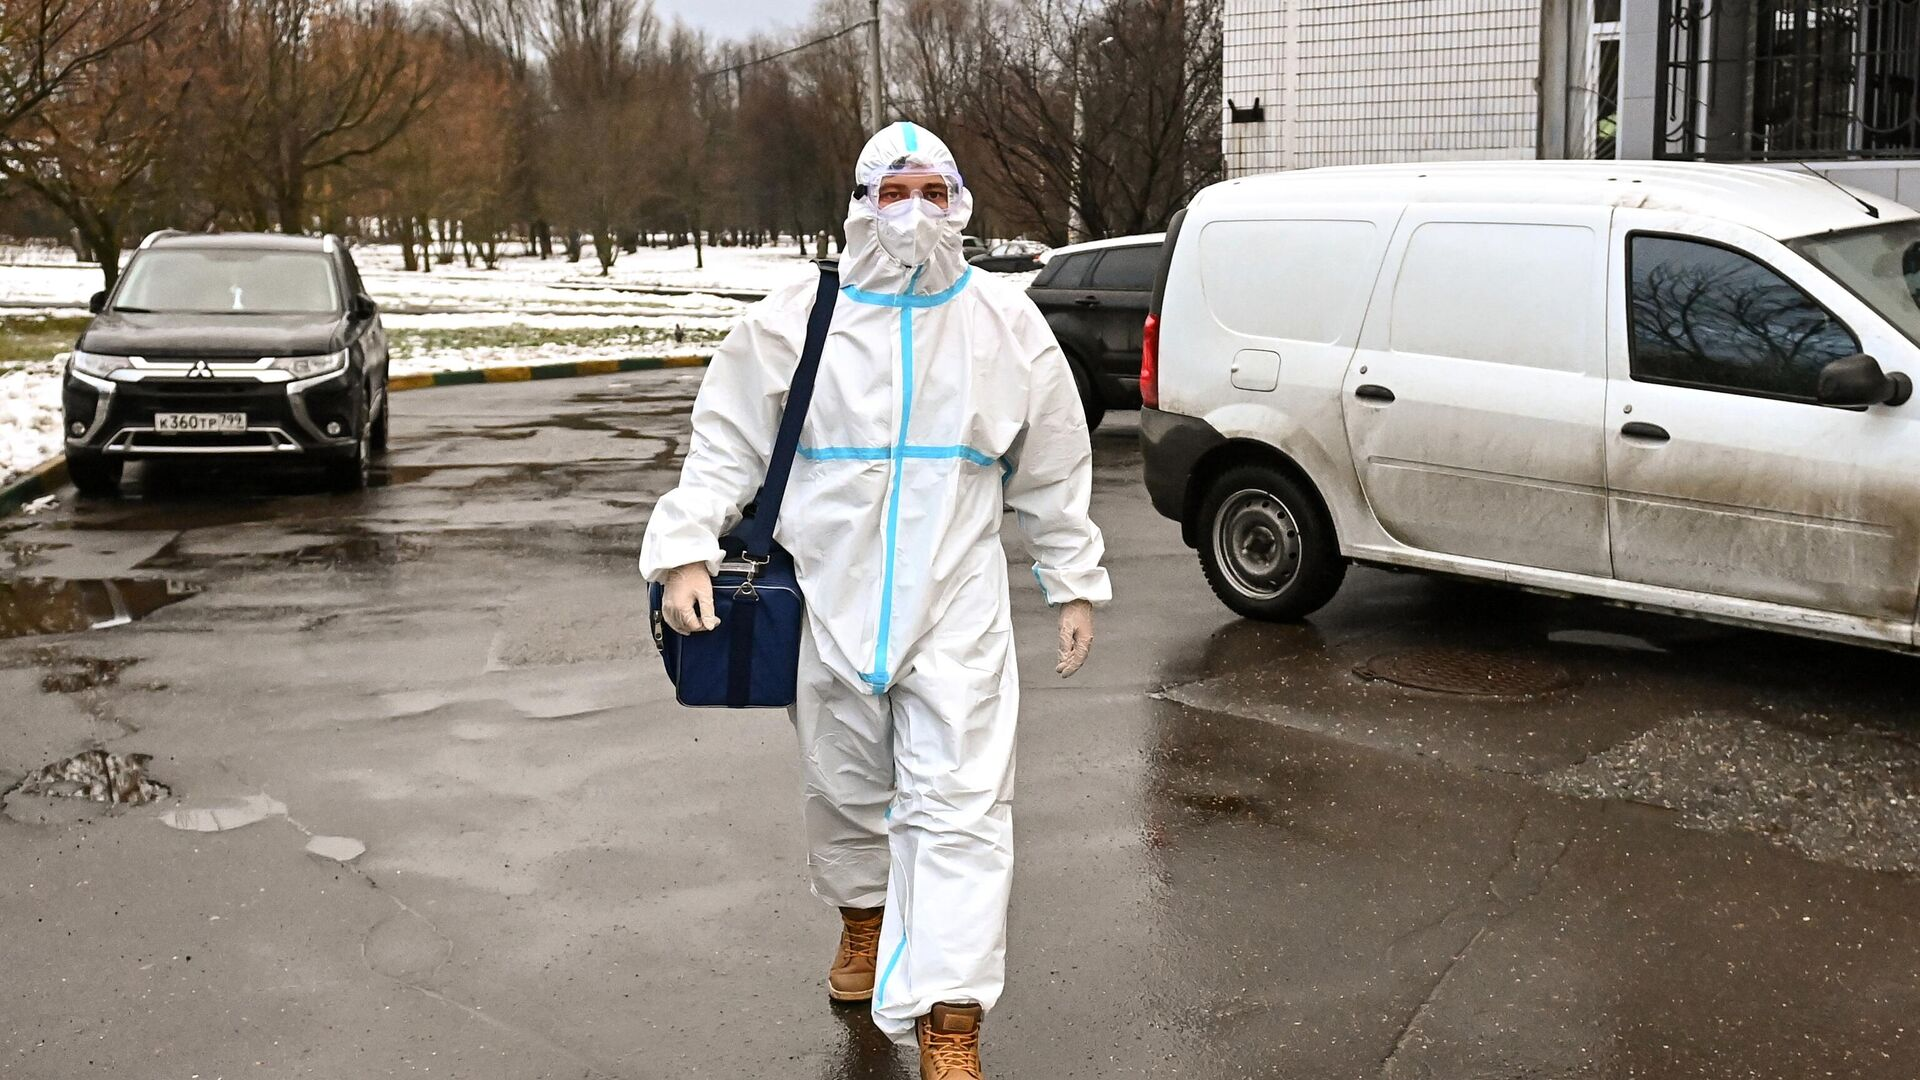 Фельдшер перед визитом к пациенту на дом в Москве - РИА Новости, 1920, 24.02.2021